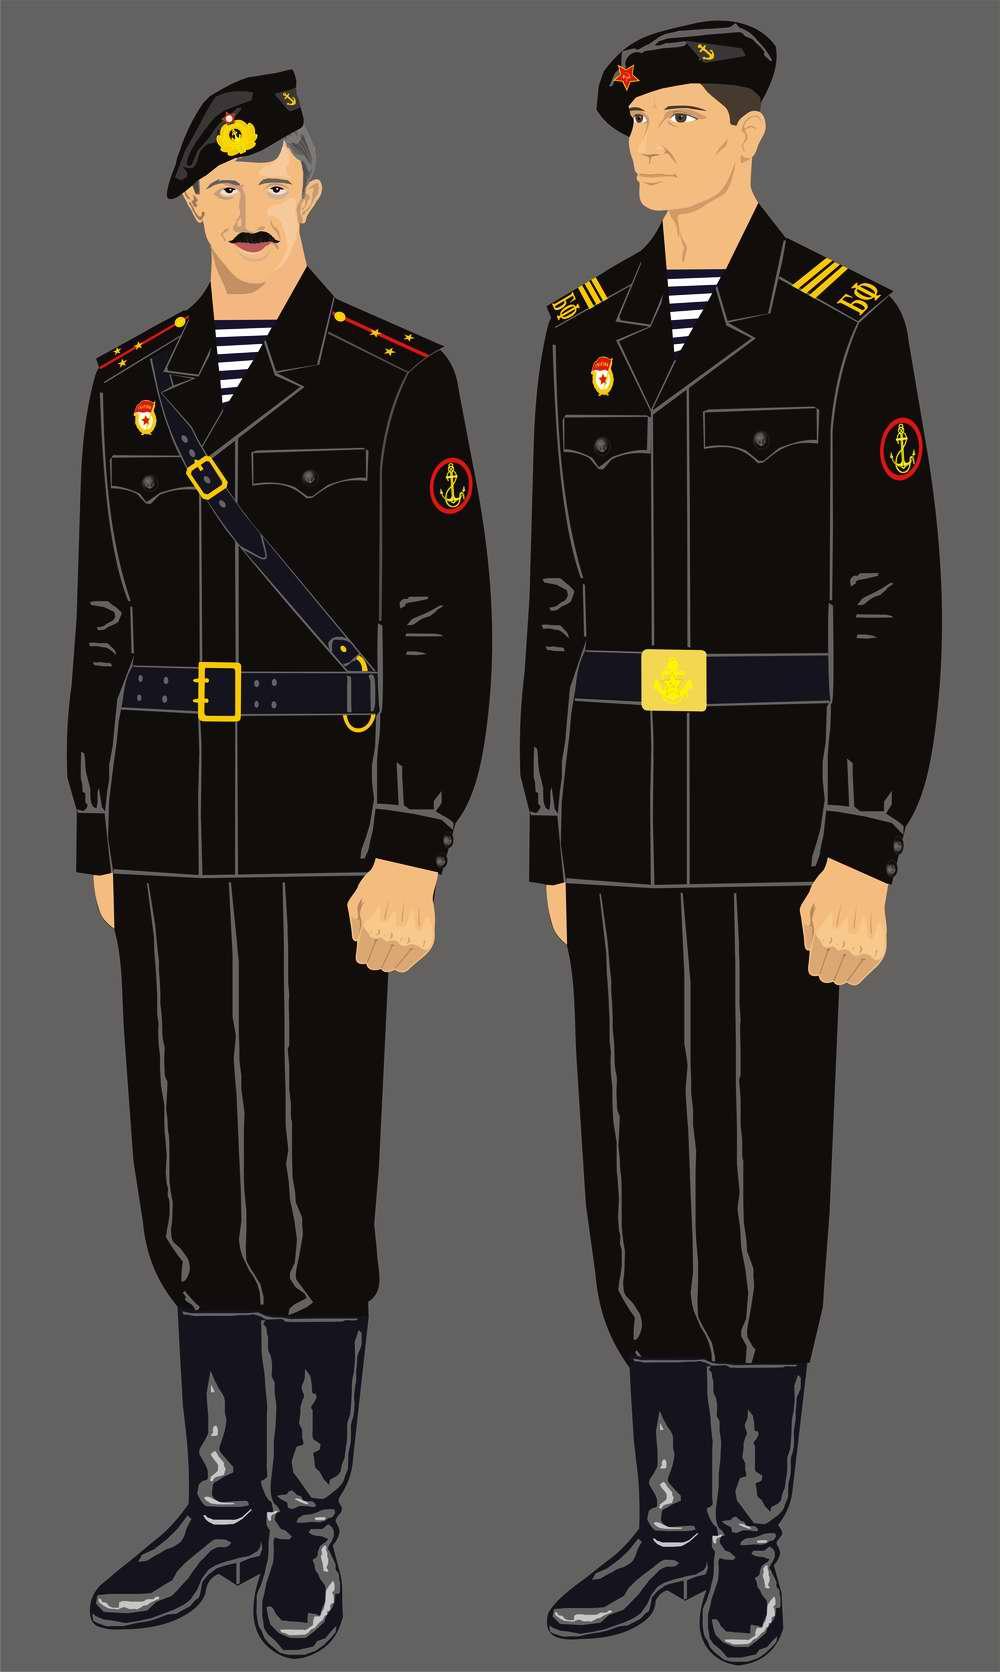 Форма офицеров и сержантов морской пехоты 1960-х годов